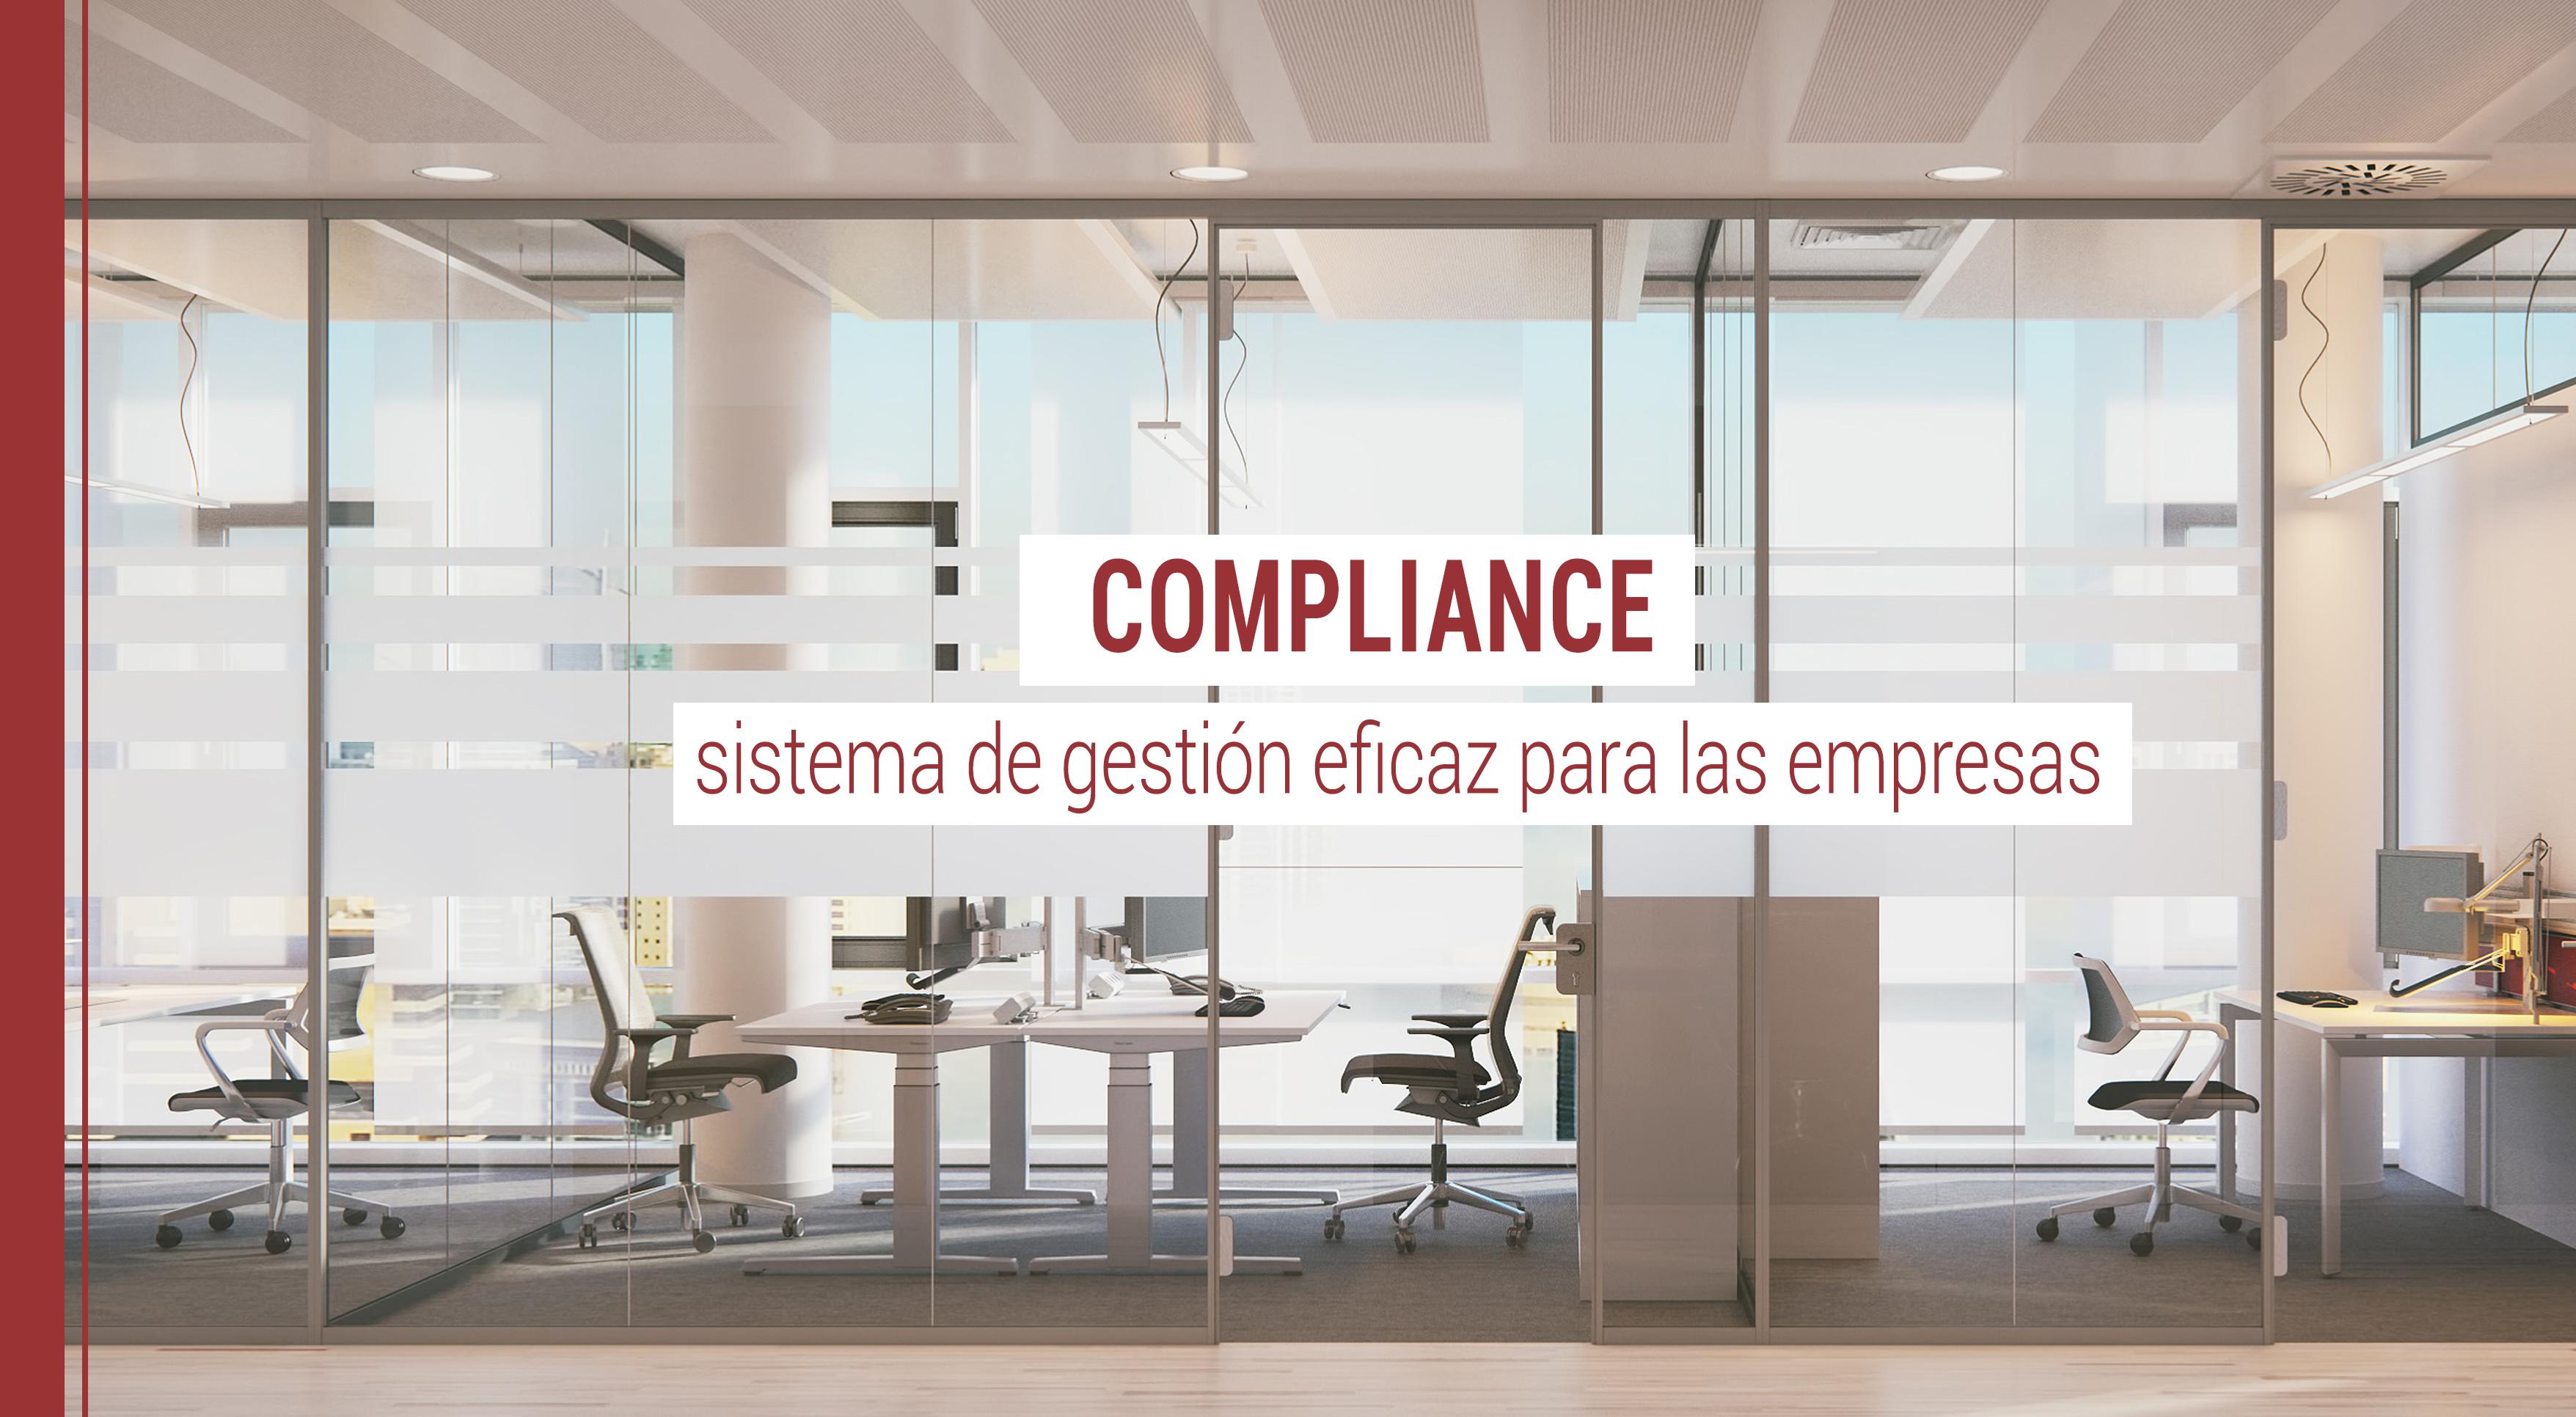 compliance-sistema-gestion-empresas Compliance: sistema de gestión eficaz para las empresas